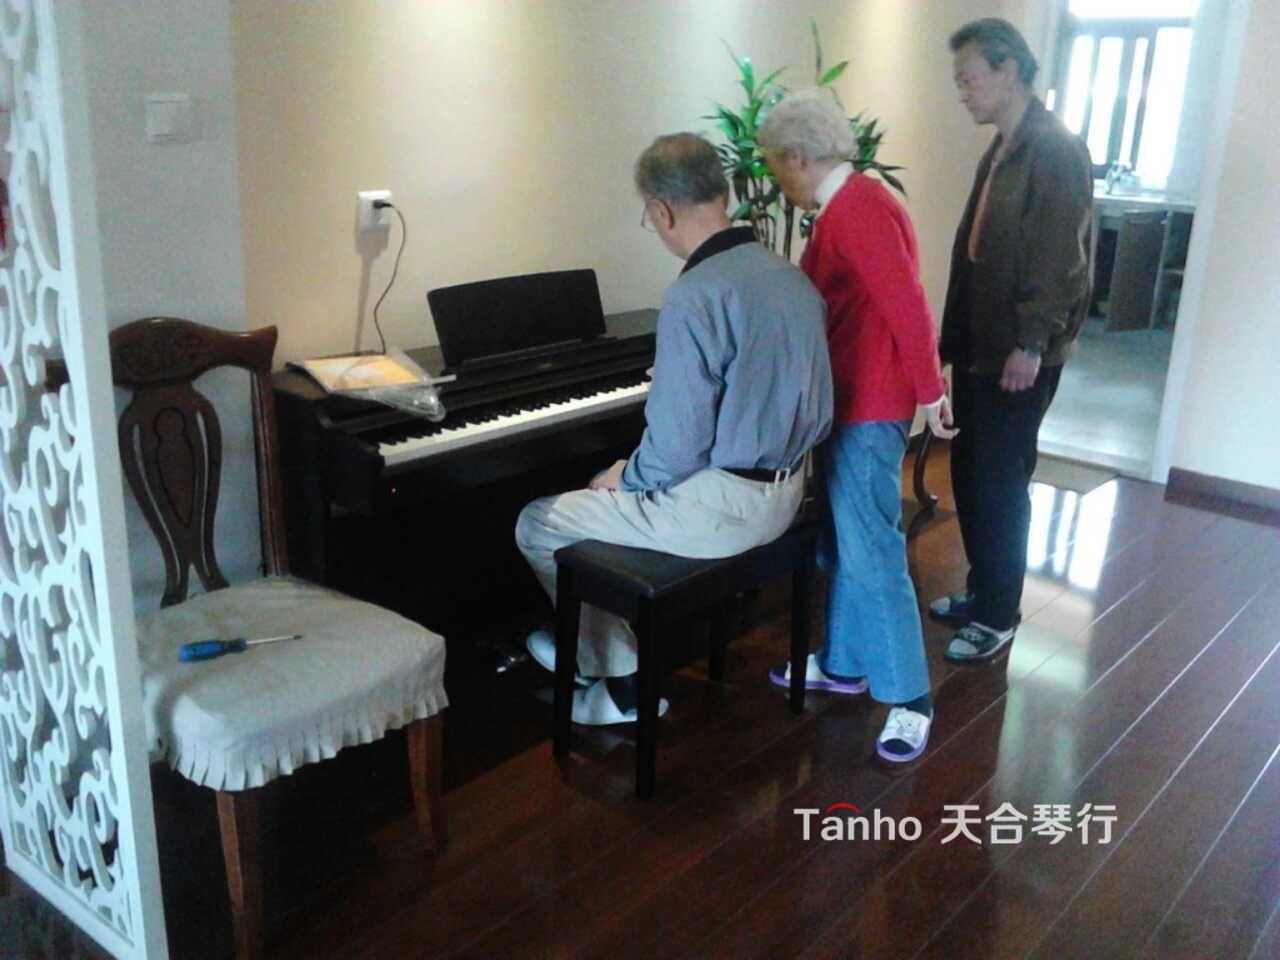 老两口买雅马哈电钢琴,网上选定天合琴行